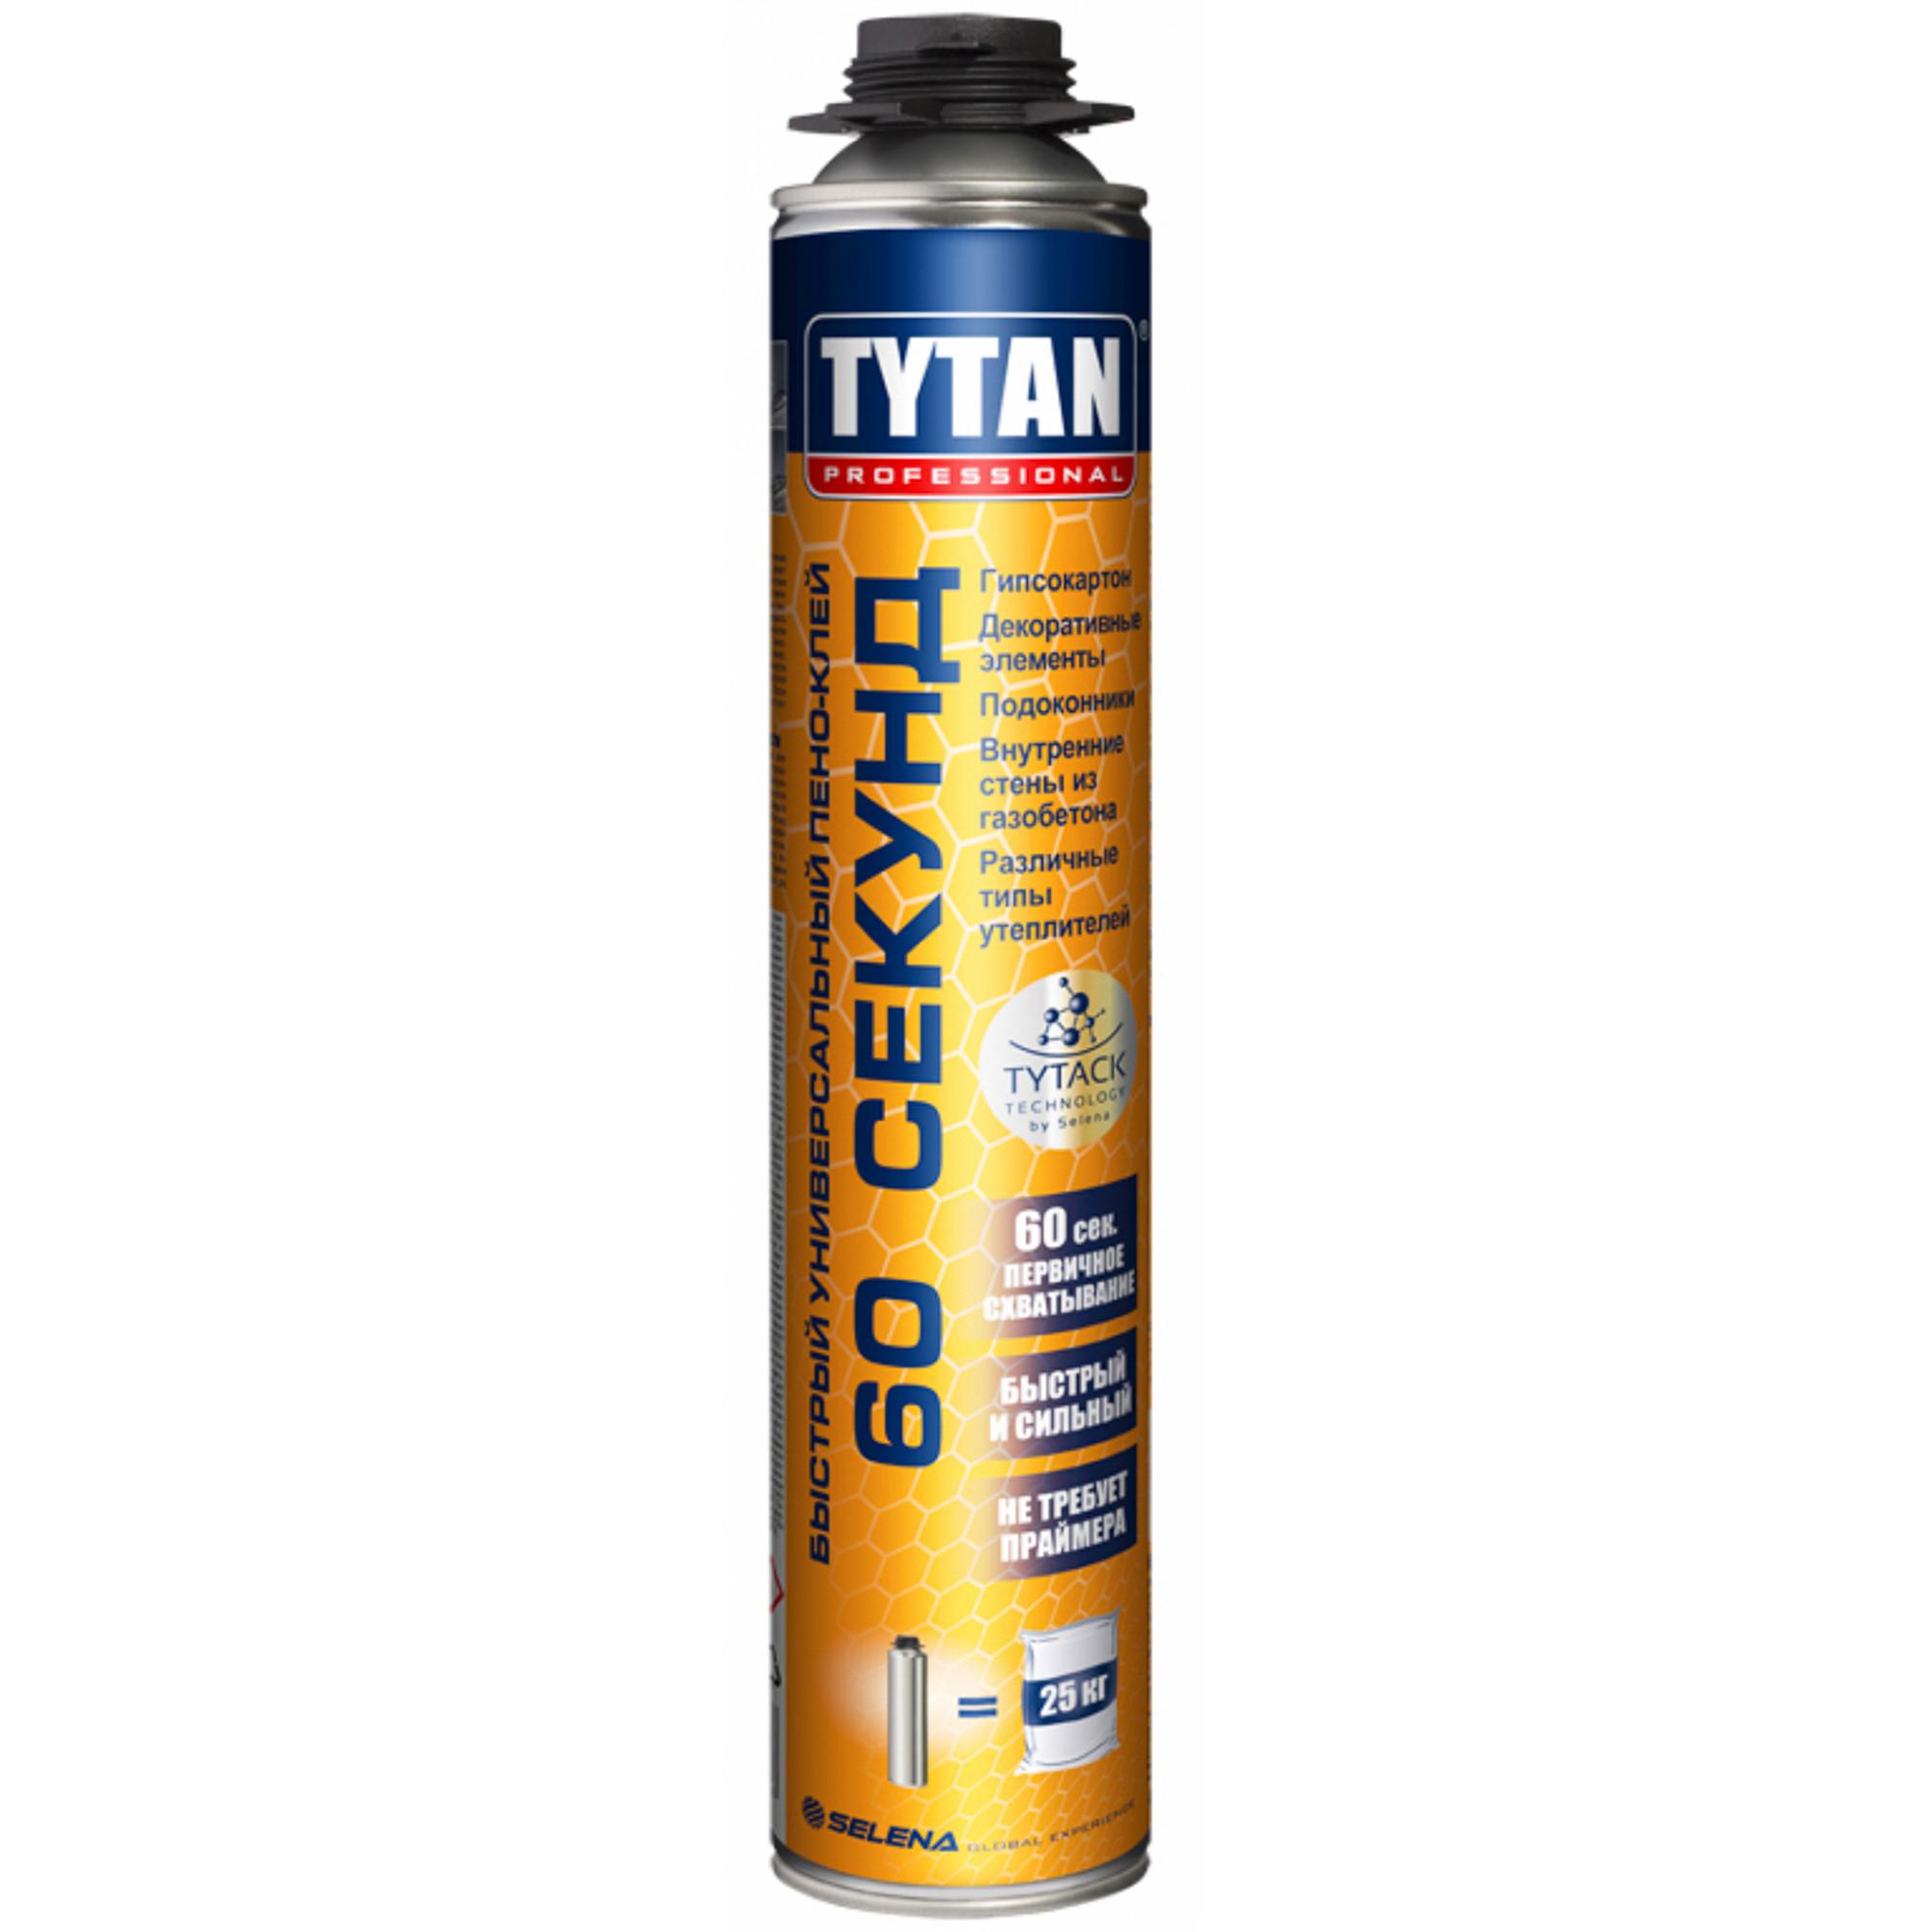 Пено-клей Tytan 60 Секунд 750 мл.